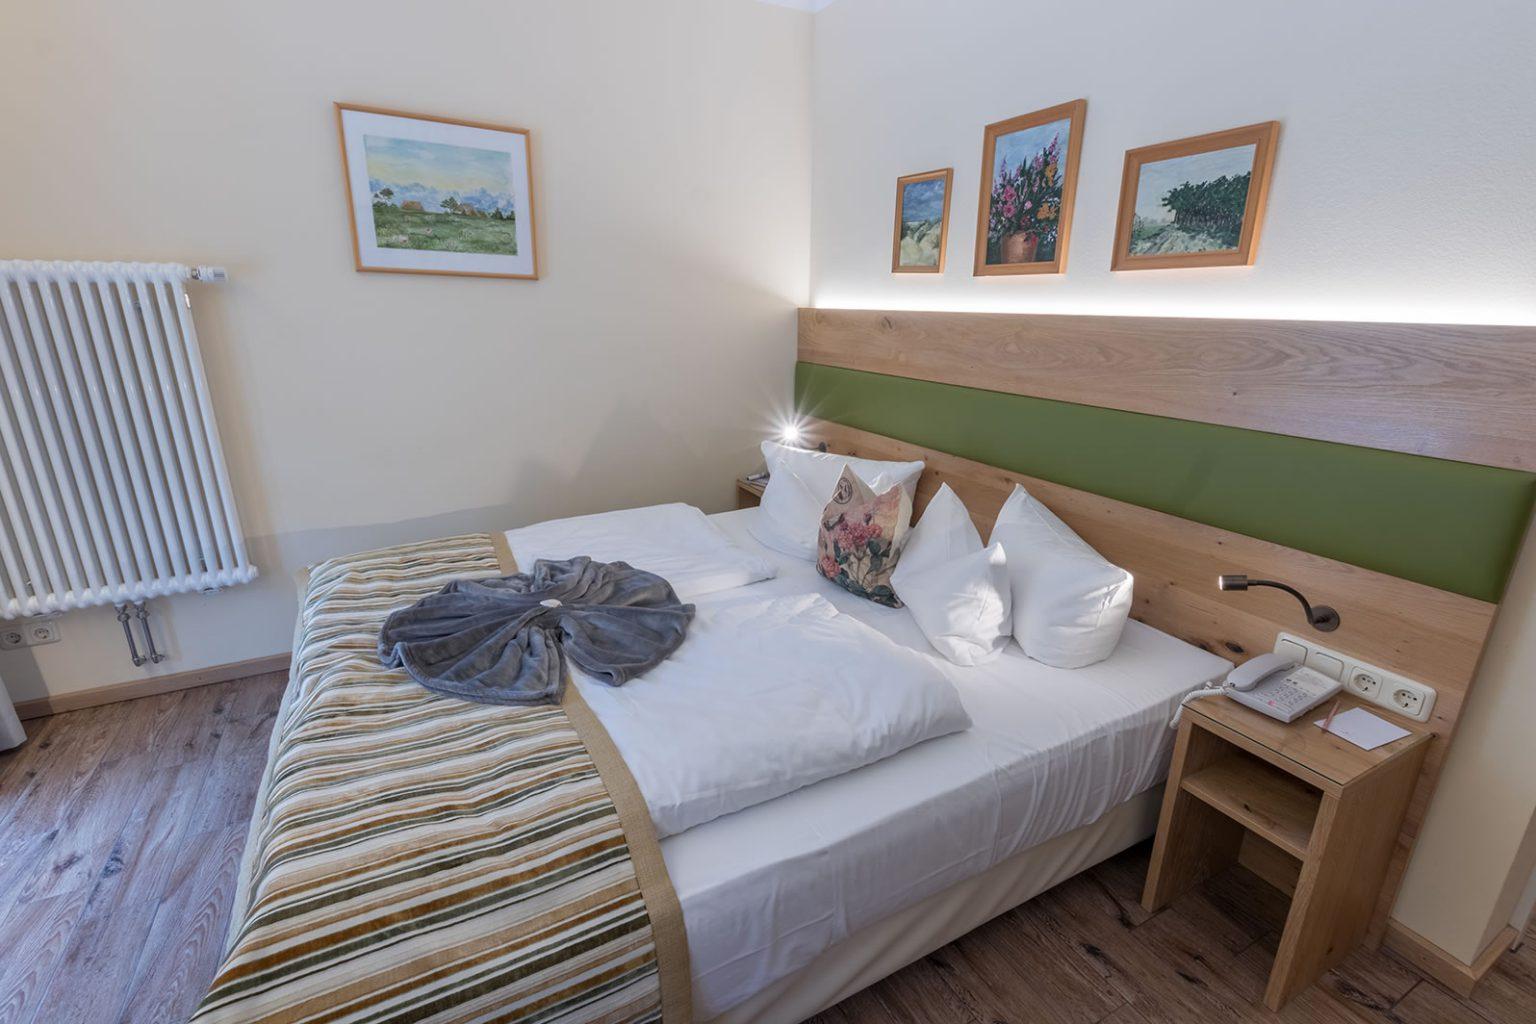 Doppelbett in Doppelzimmer